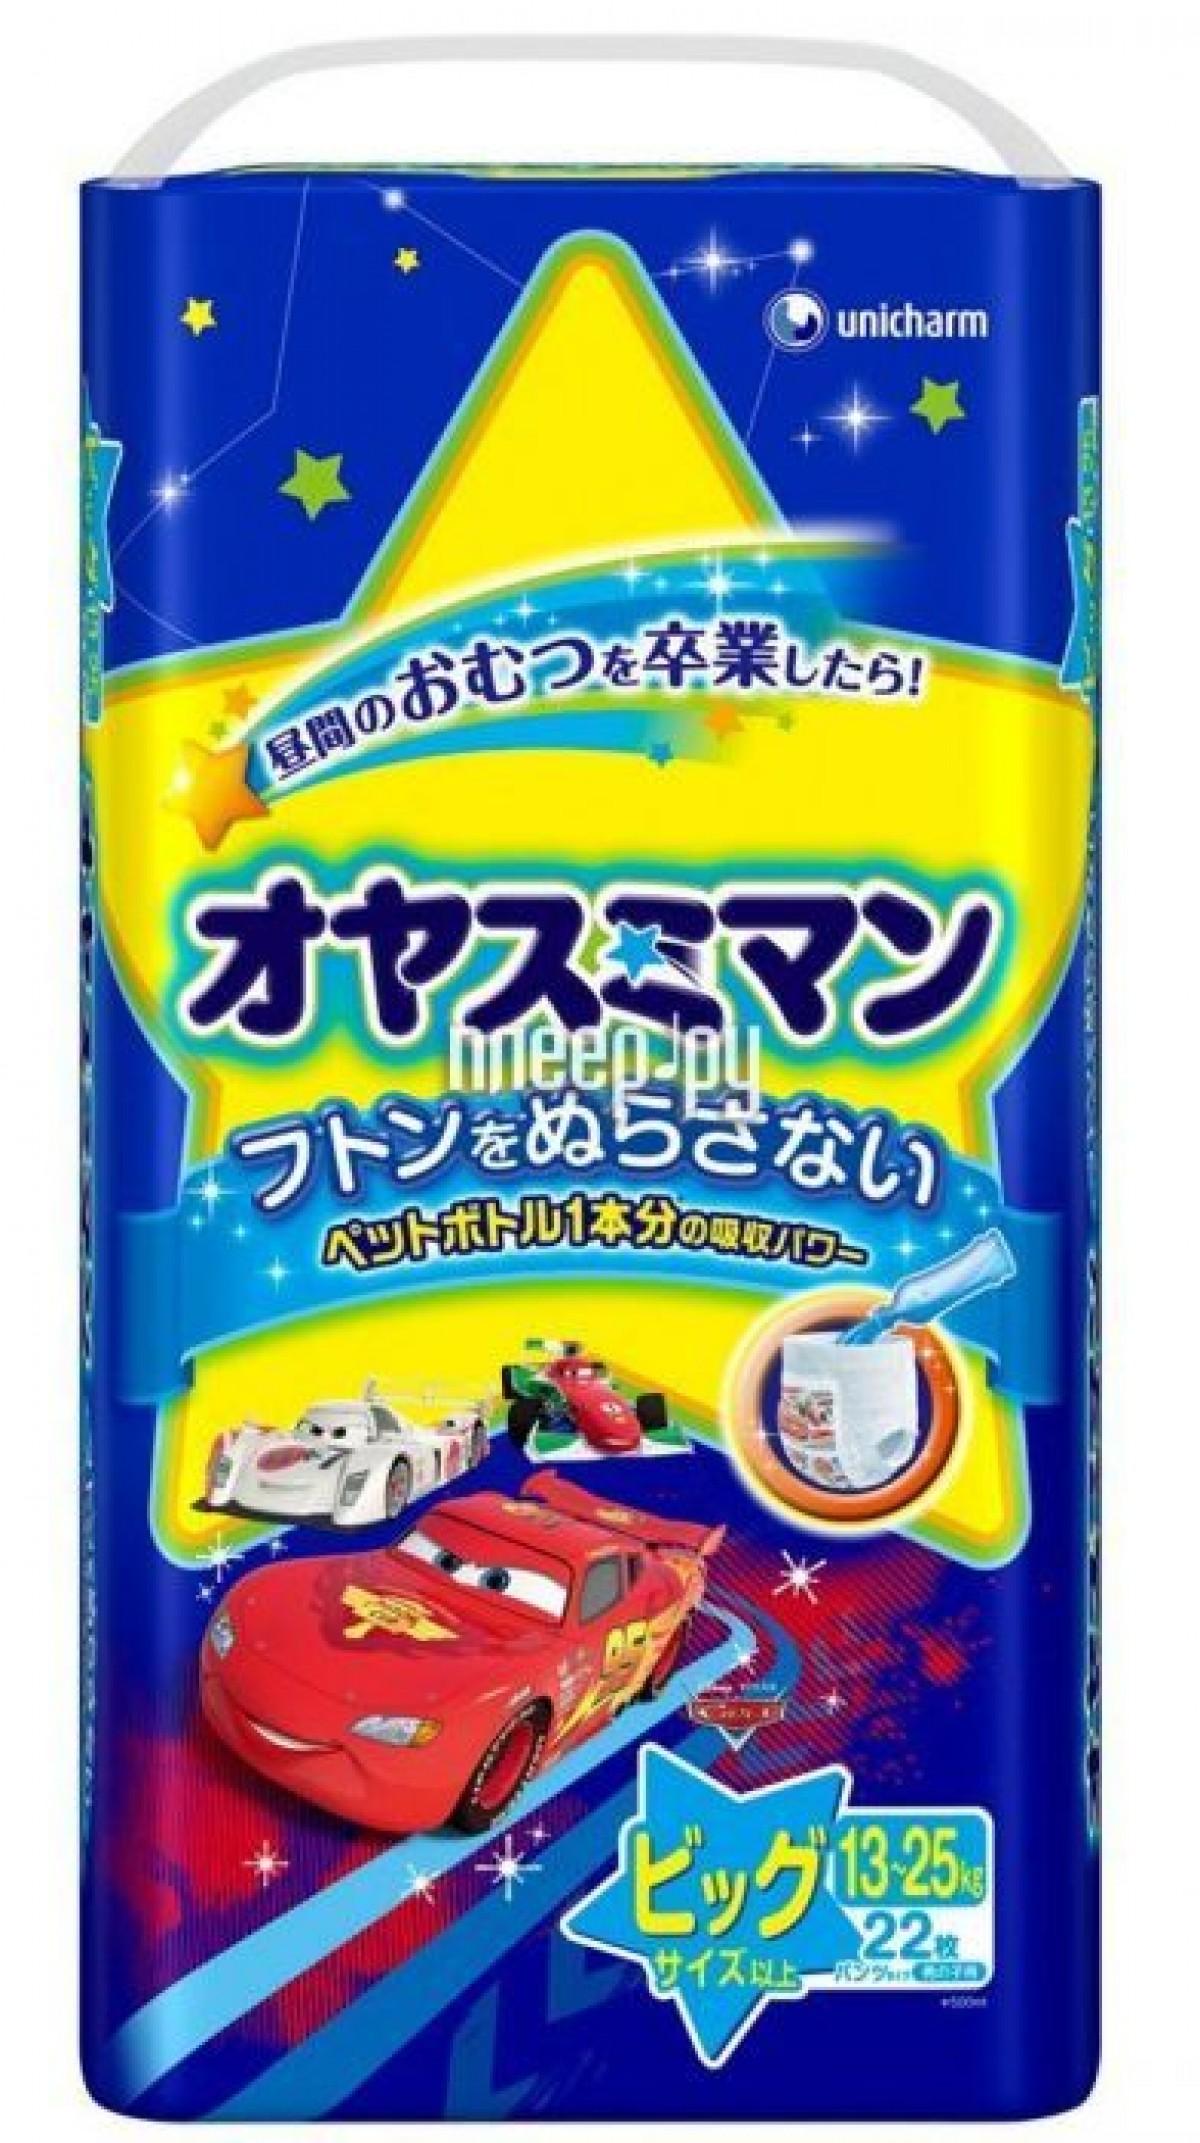 Японские подгузники оптом самовывоз со склада